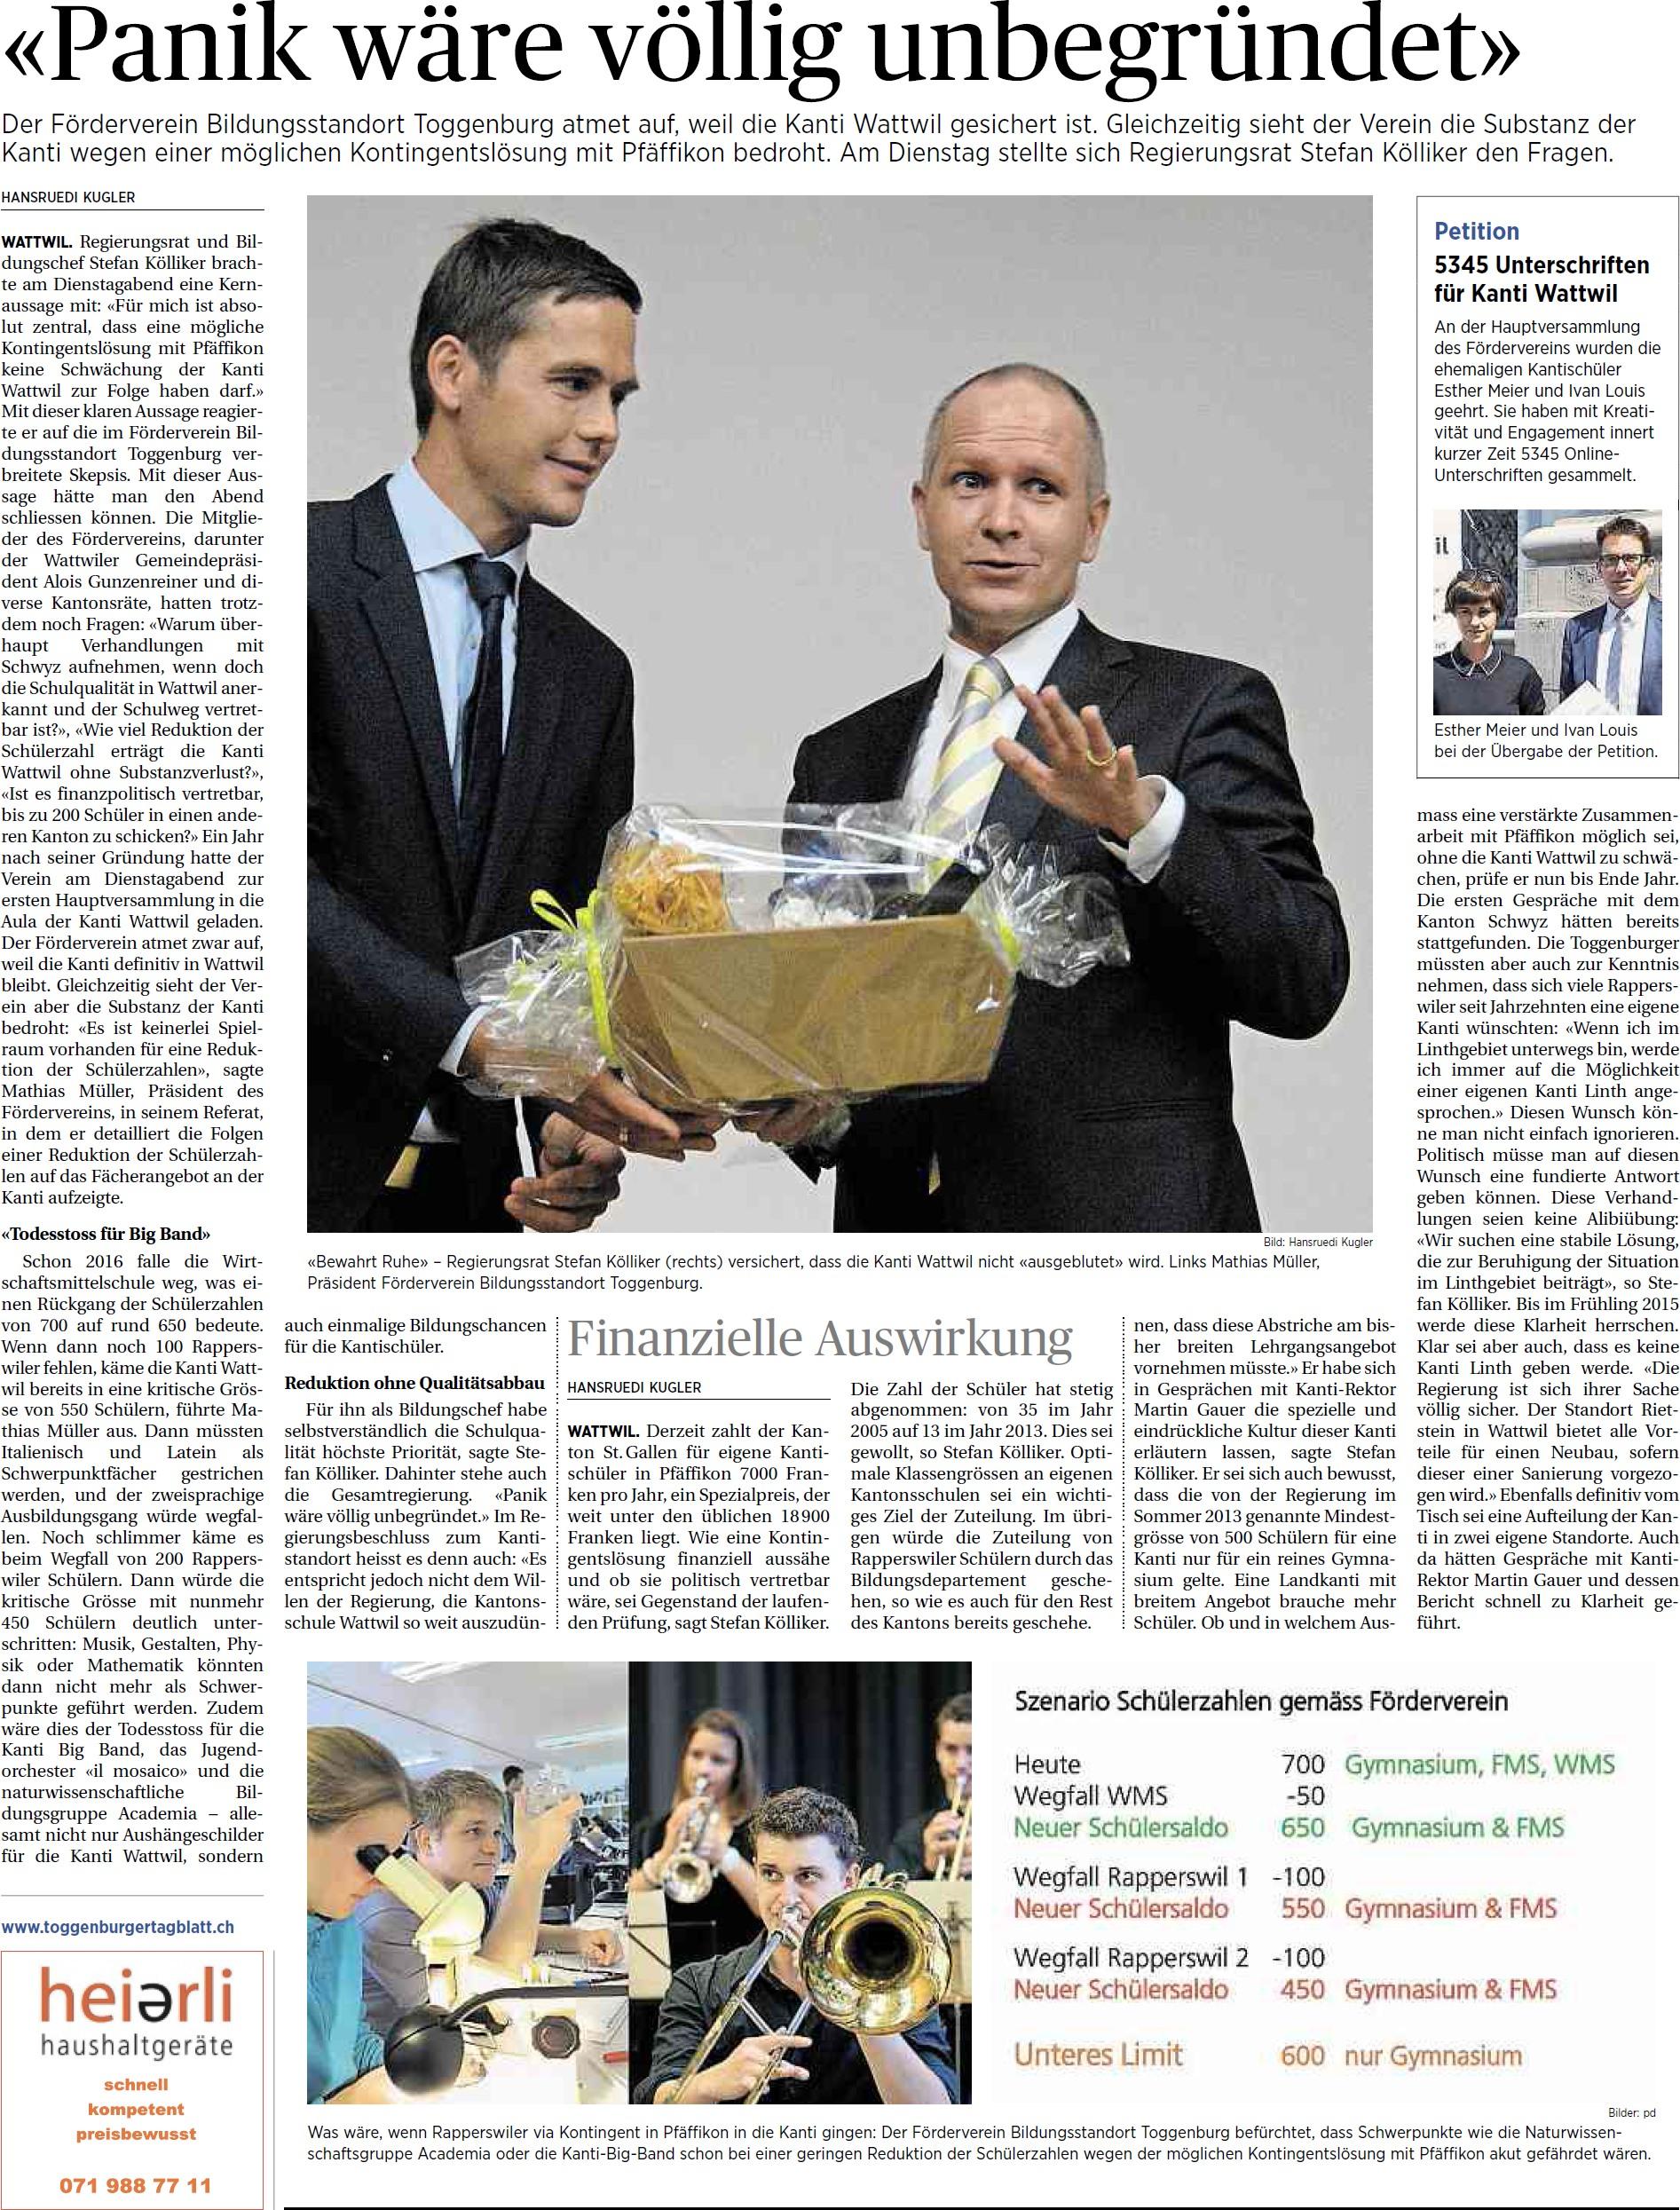 «Panik wäre völlig unbegründet» (Donnerstag, 05.06.2014)